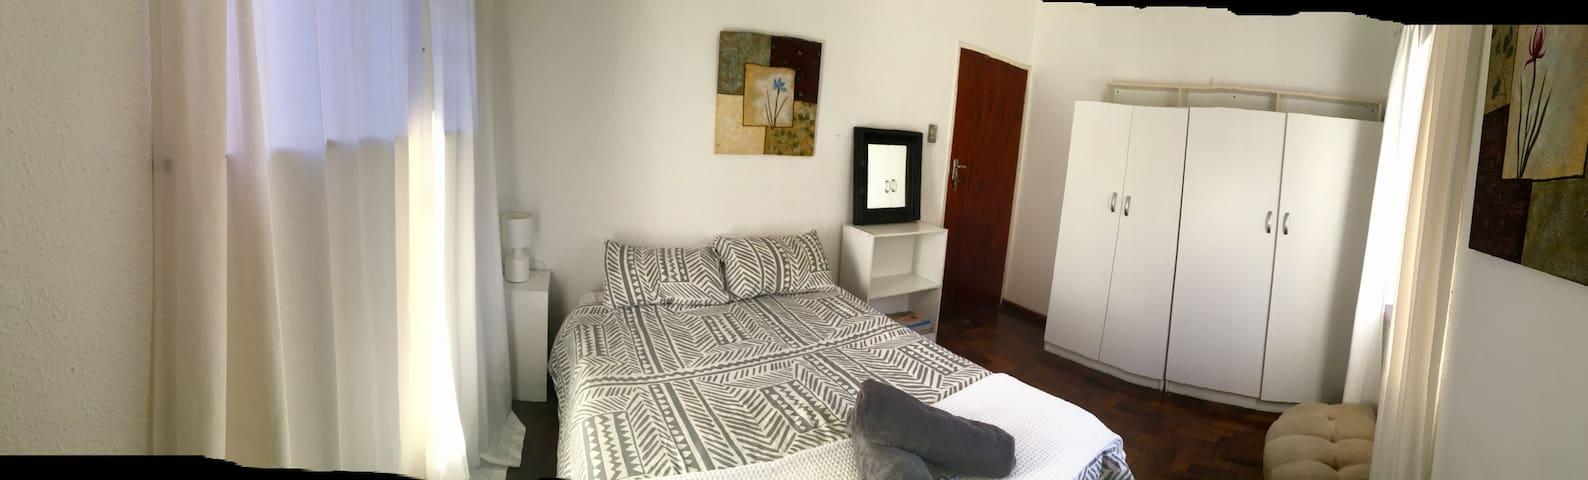 Guest Bedroom (View 1)